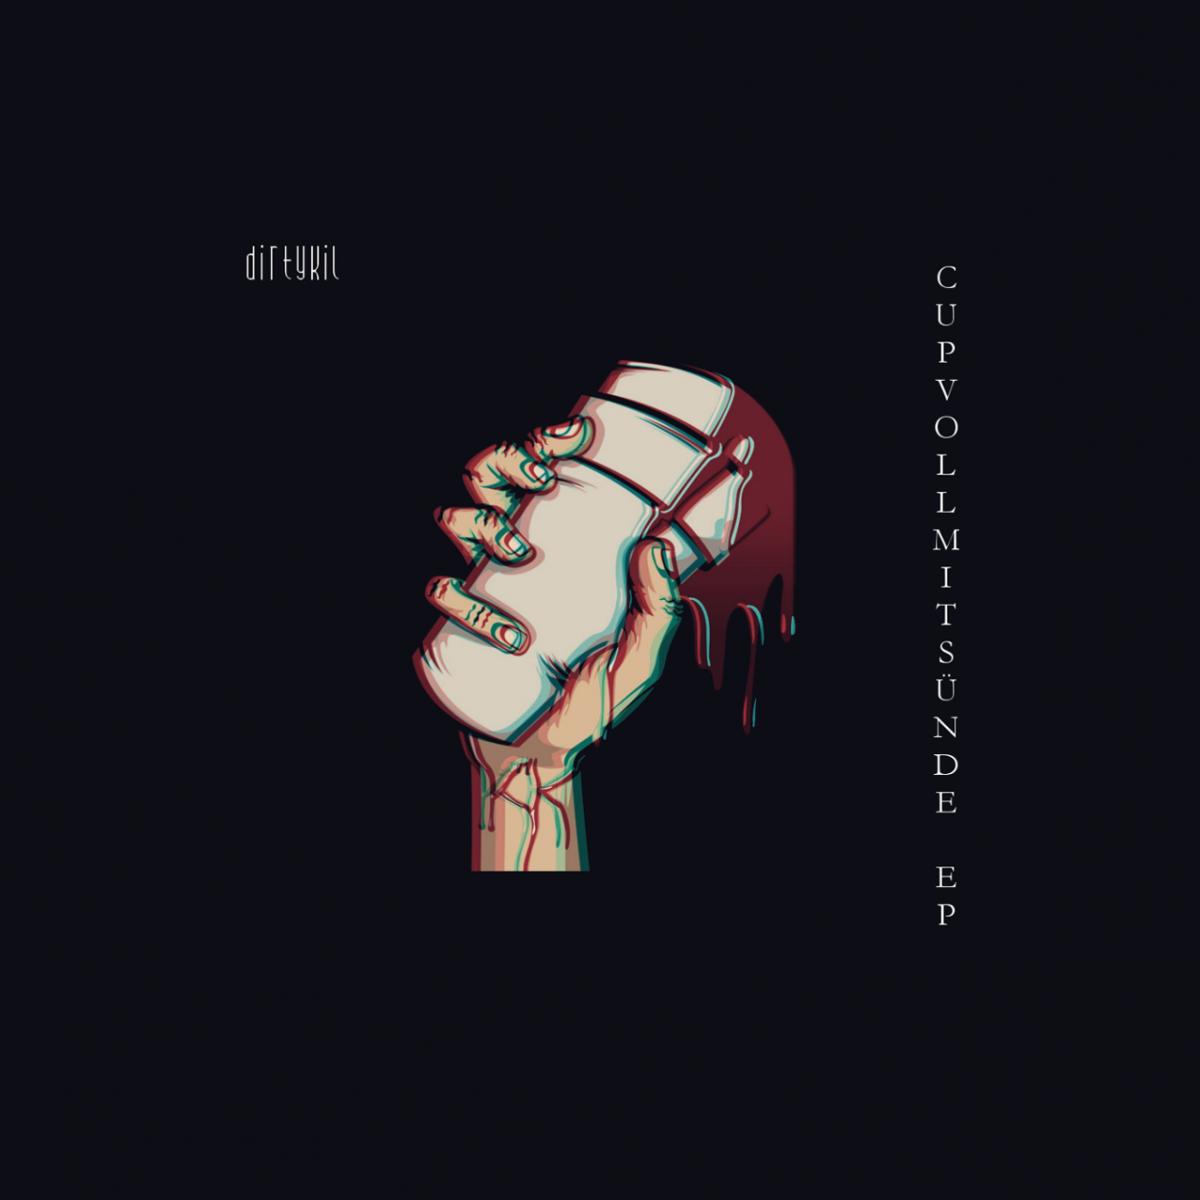 Upcoming: dirtykil - Cupvollmitsünde EP